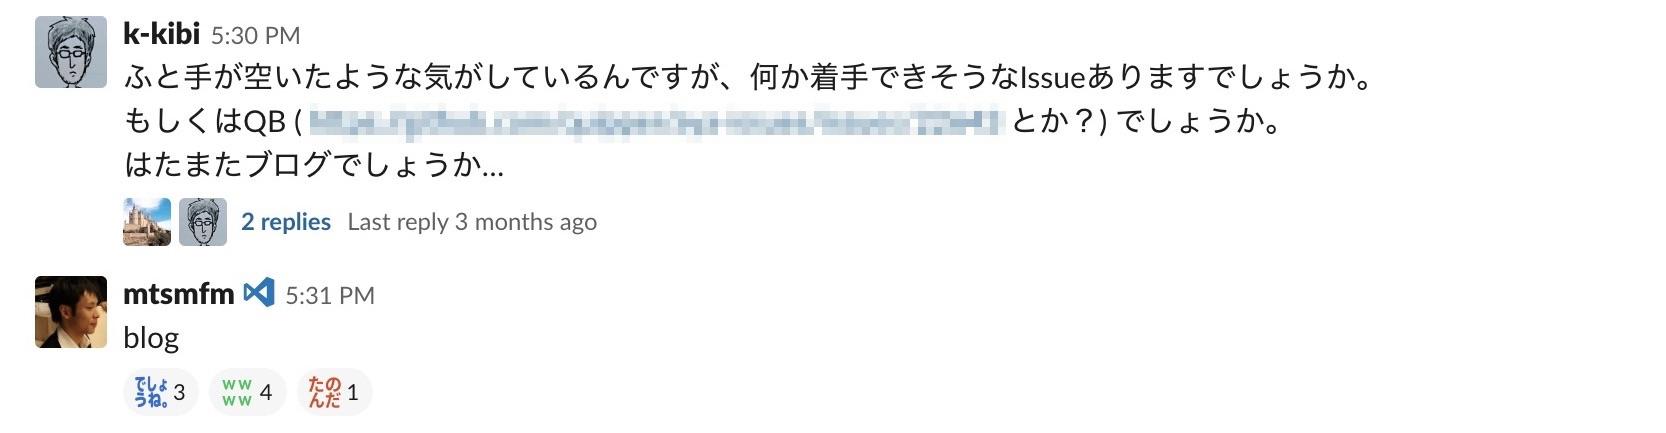 ss 2019-05-23 at 19 01 03